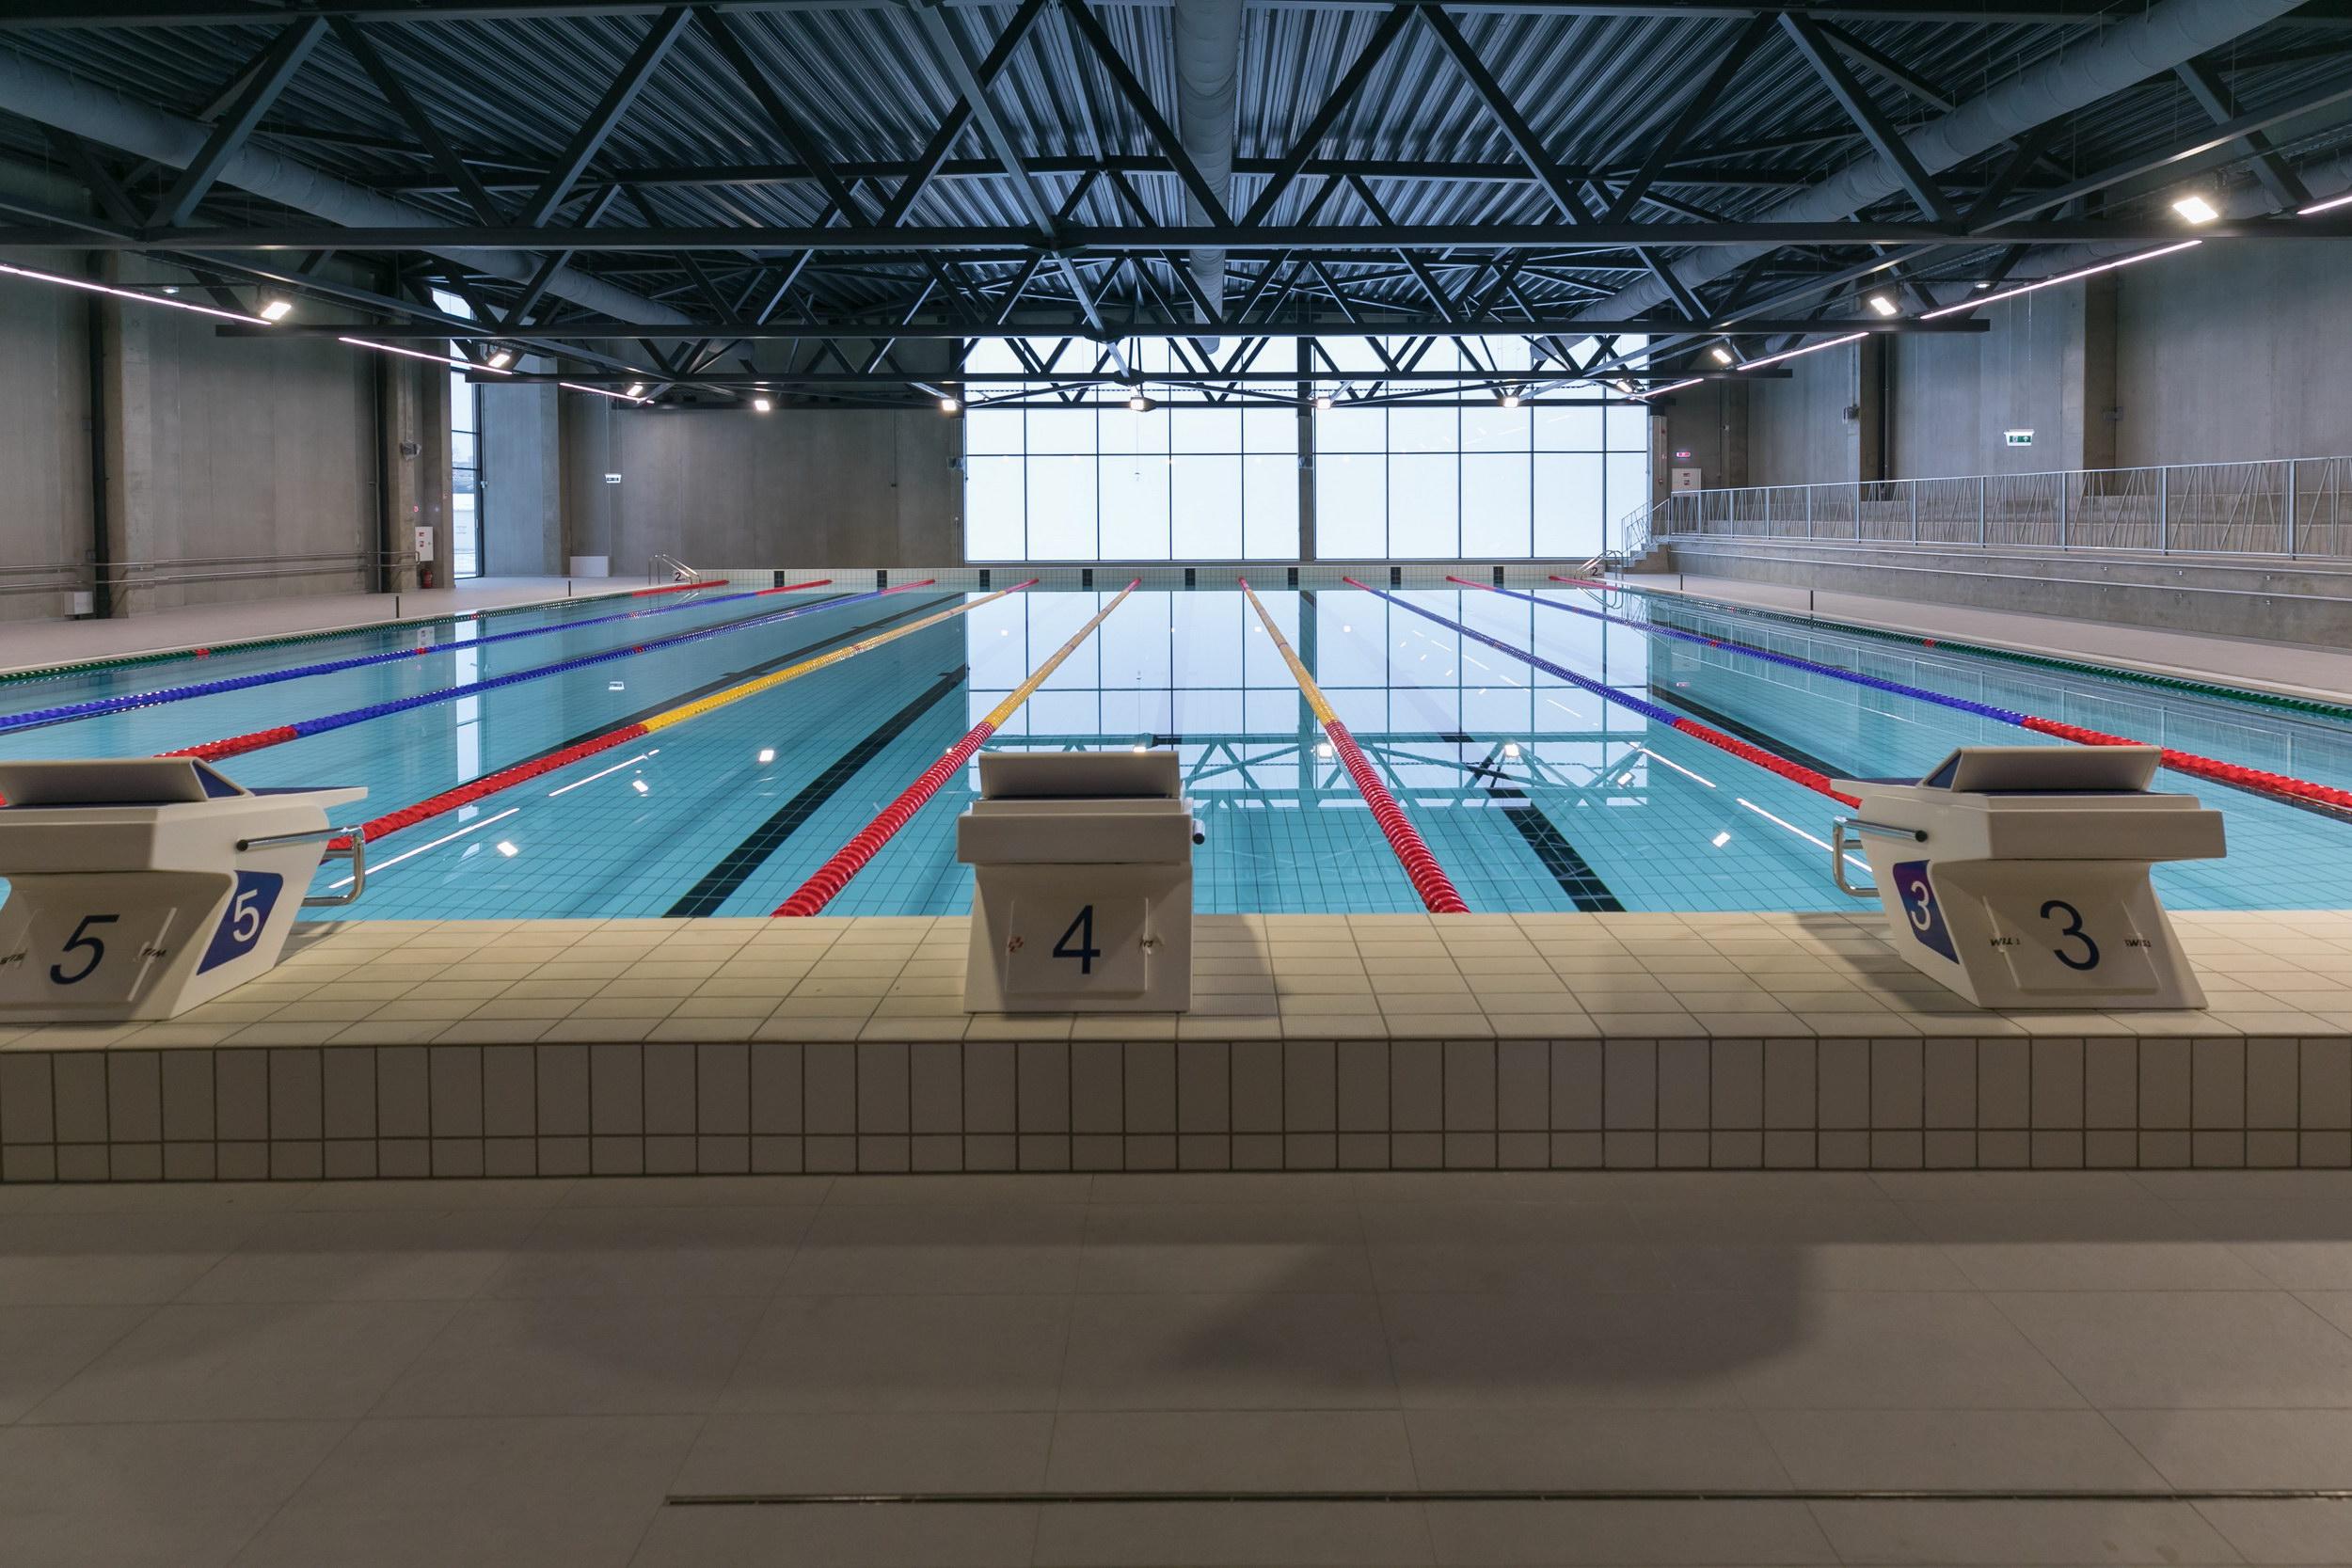 Vilniečių laukia ypatinga naujametė dovana: atidaromas Fabijoniškių baseinas   Vilniaus miesto savivaldybės nuotr.